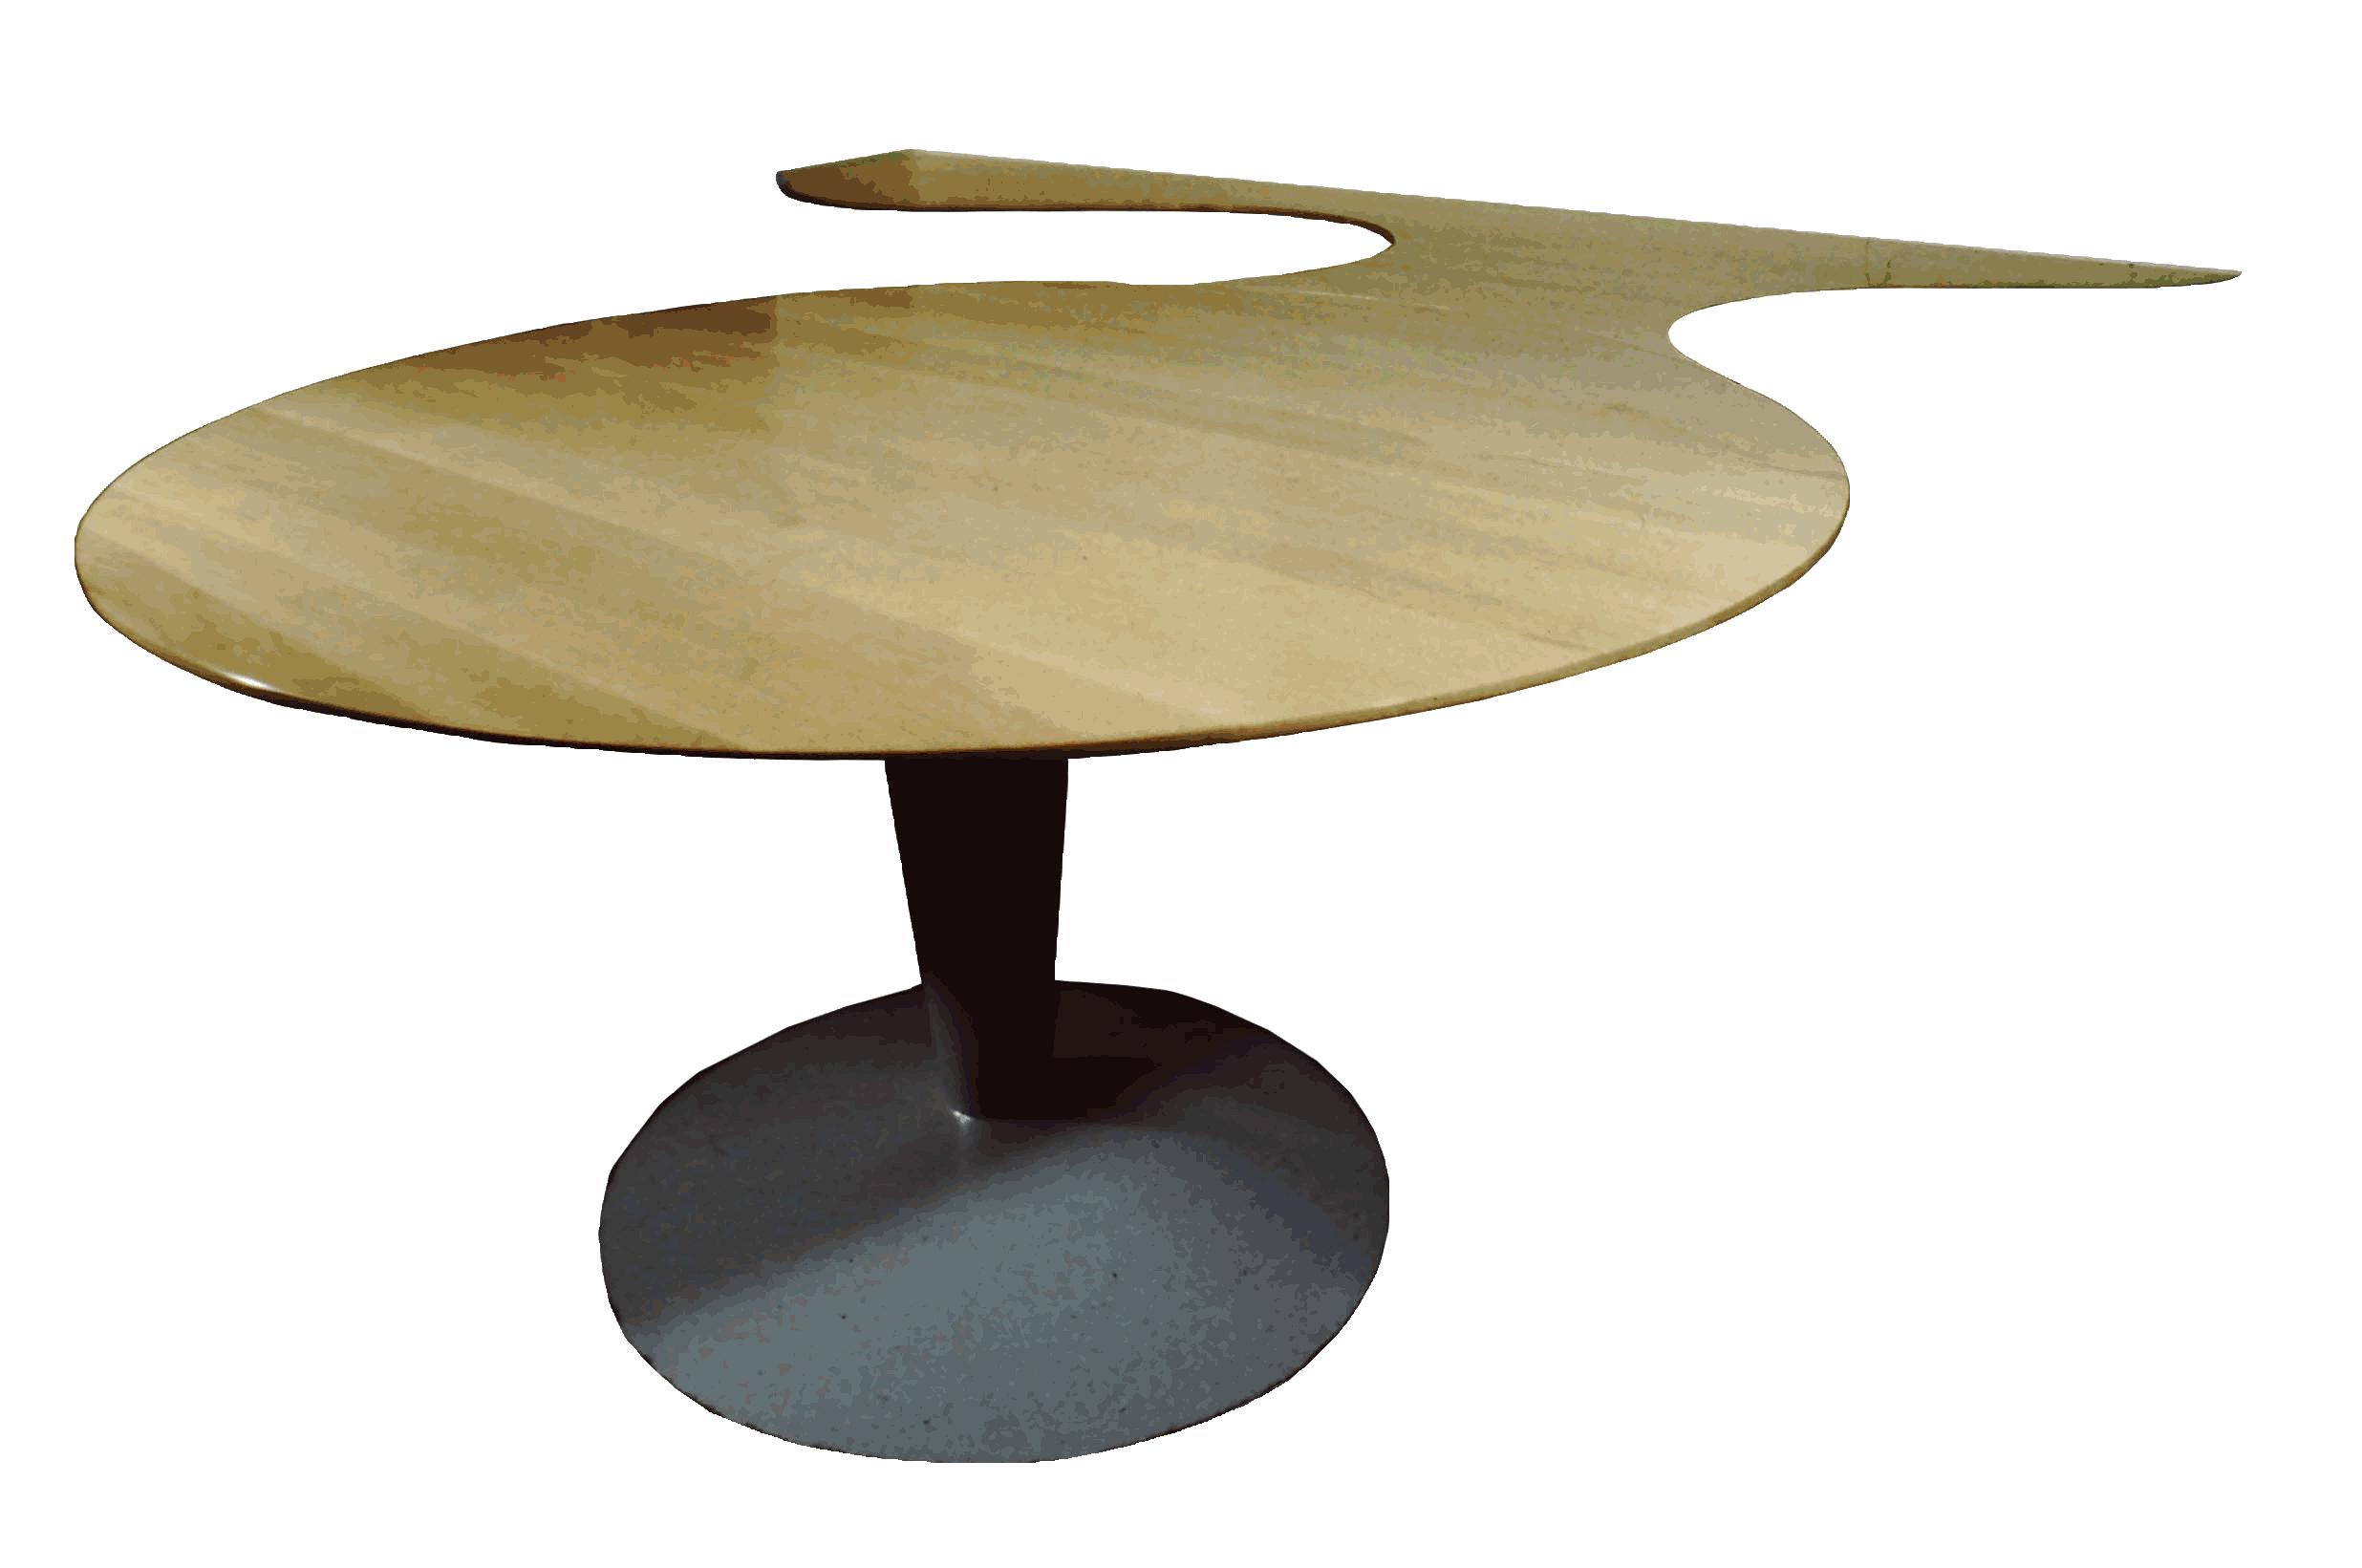 Meubeldesign, eigen ontwerp, meubelontwerp en design